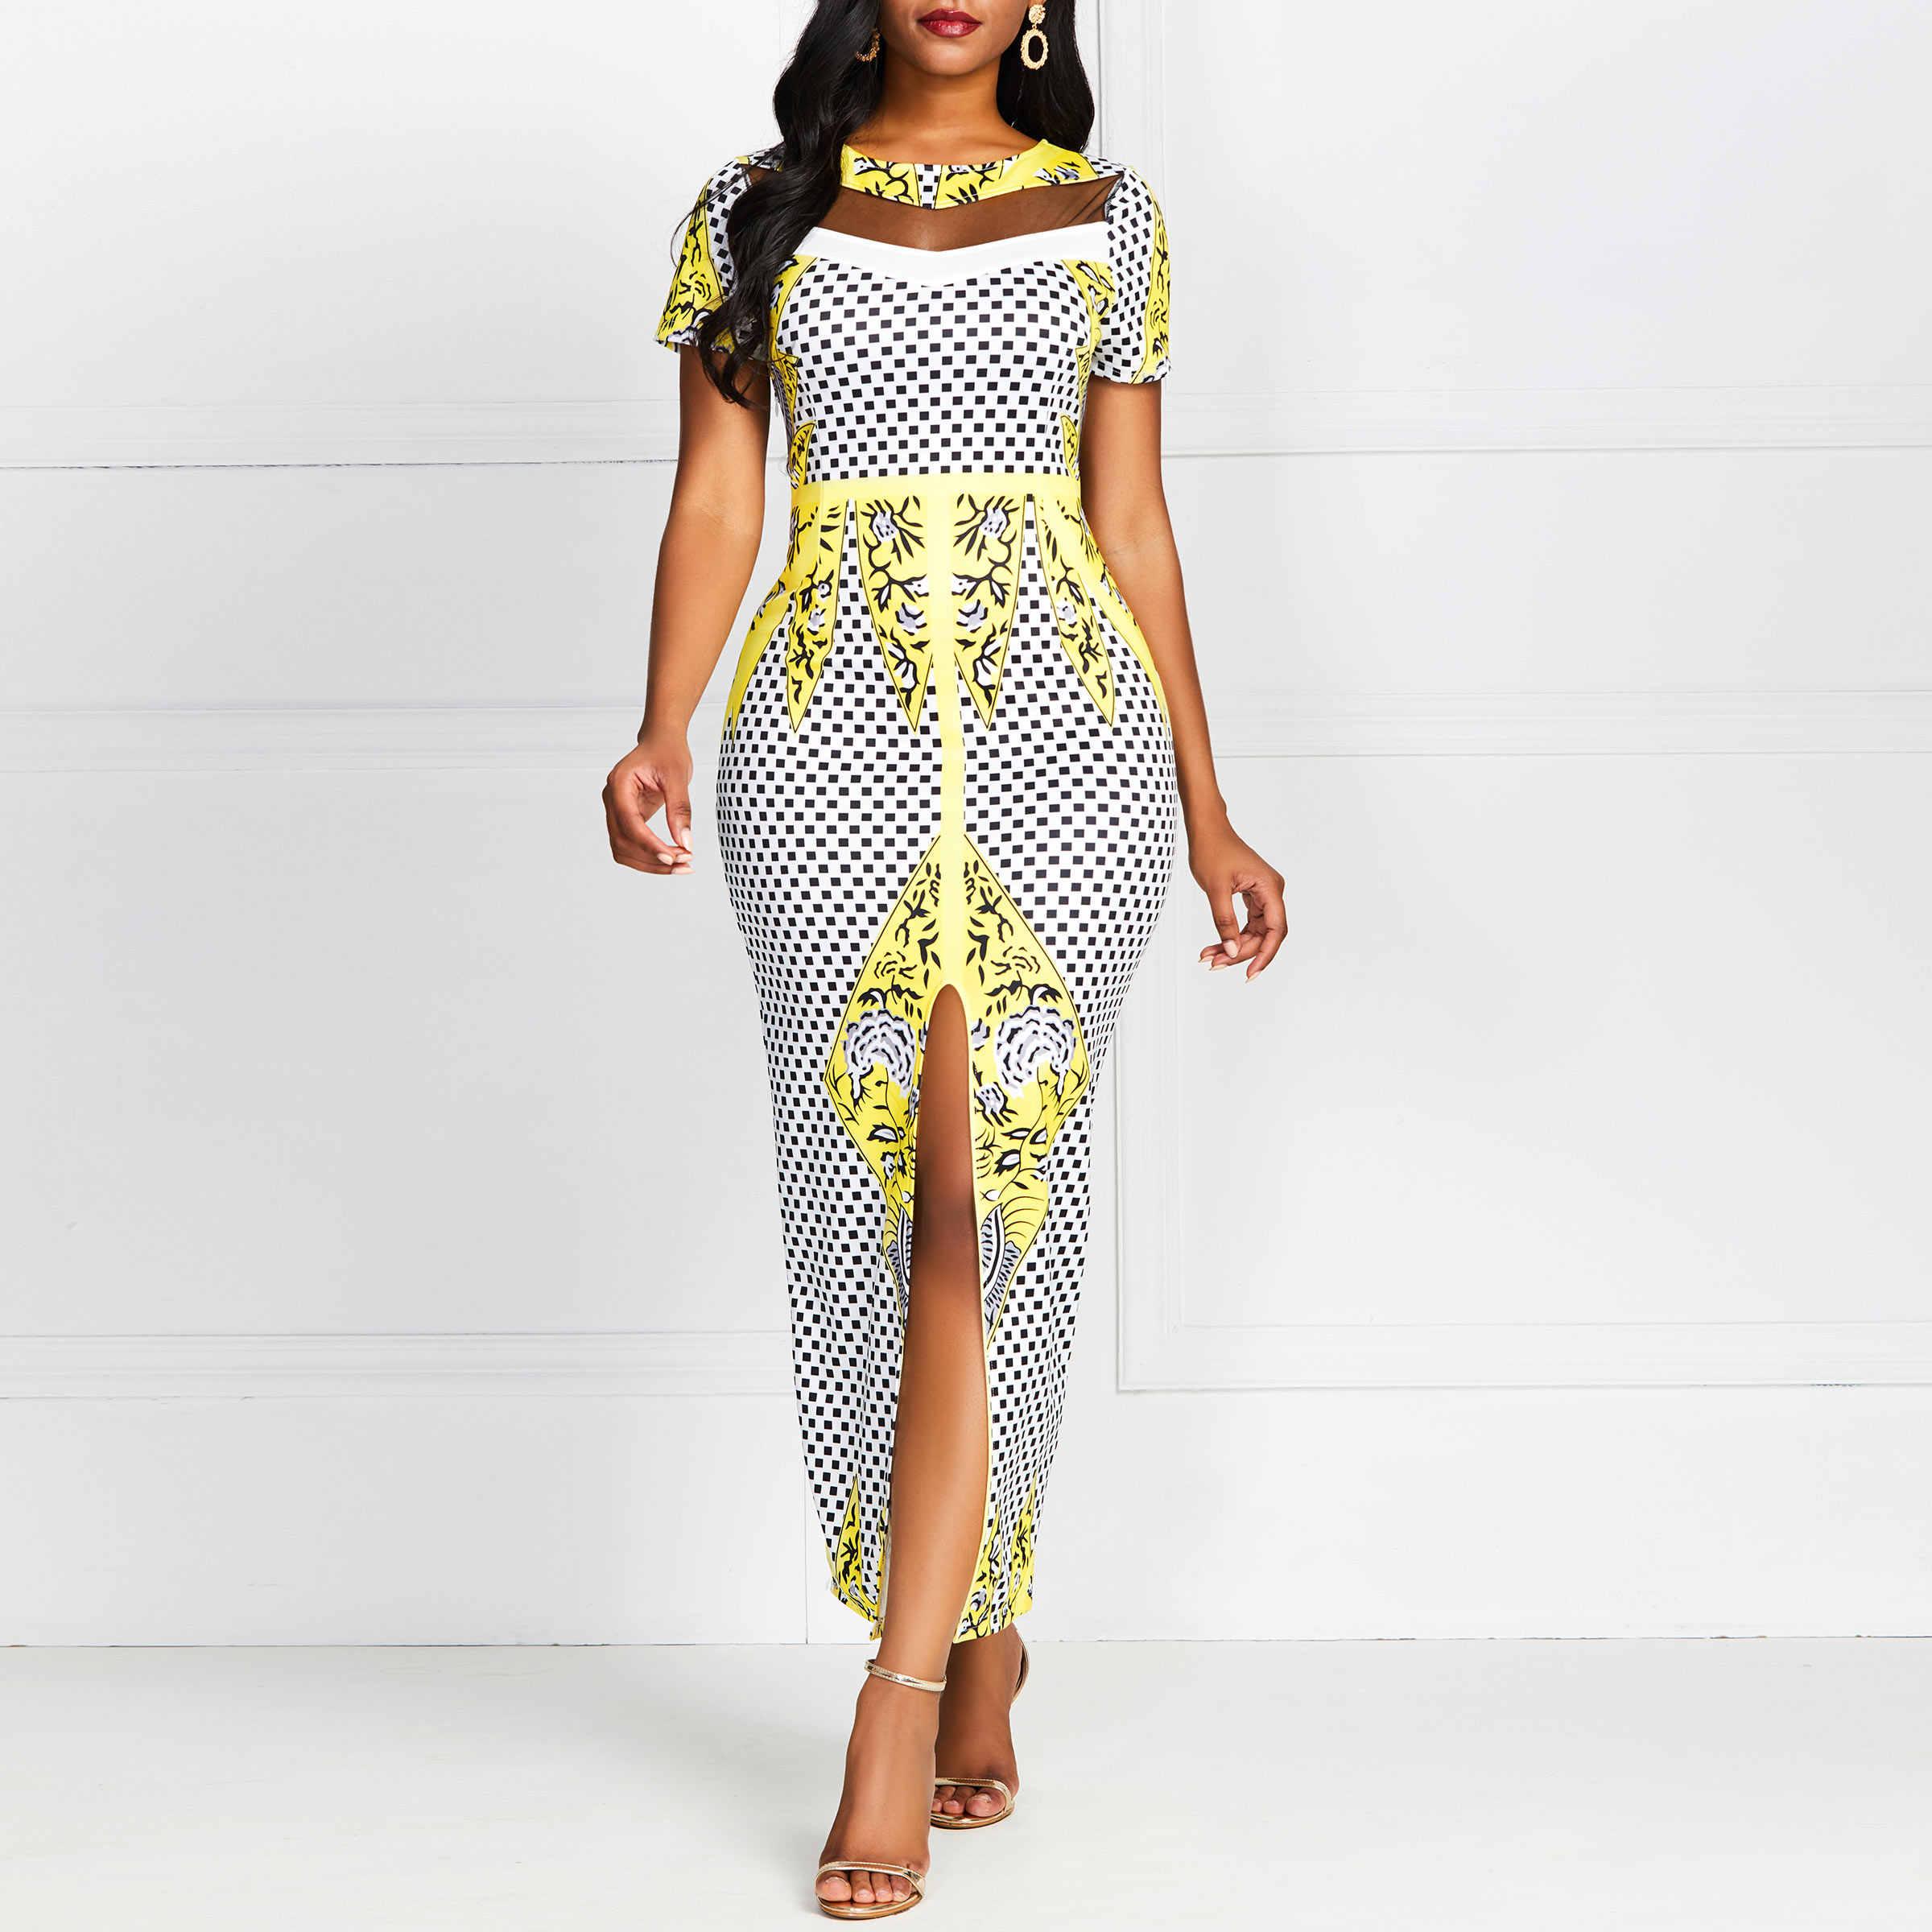 Женское летнее длинное платье в обтяжку Сетчатое прозрачное вечерние Роскошные желтые цветочные клетчатые элегантные длинные платья с разрезом женские